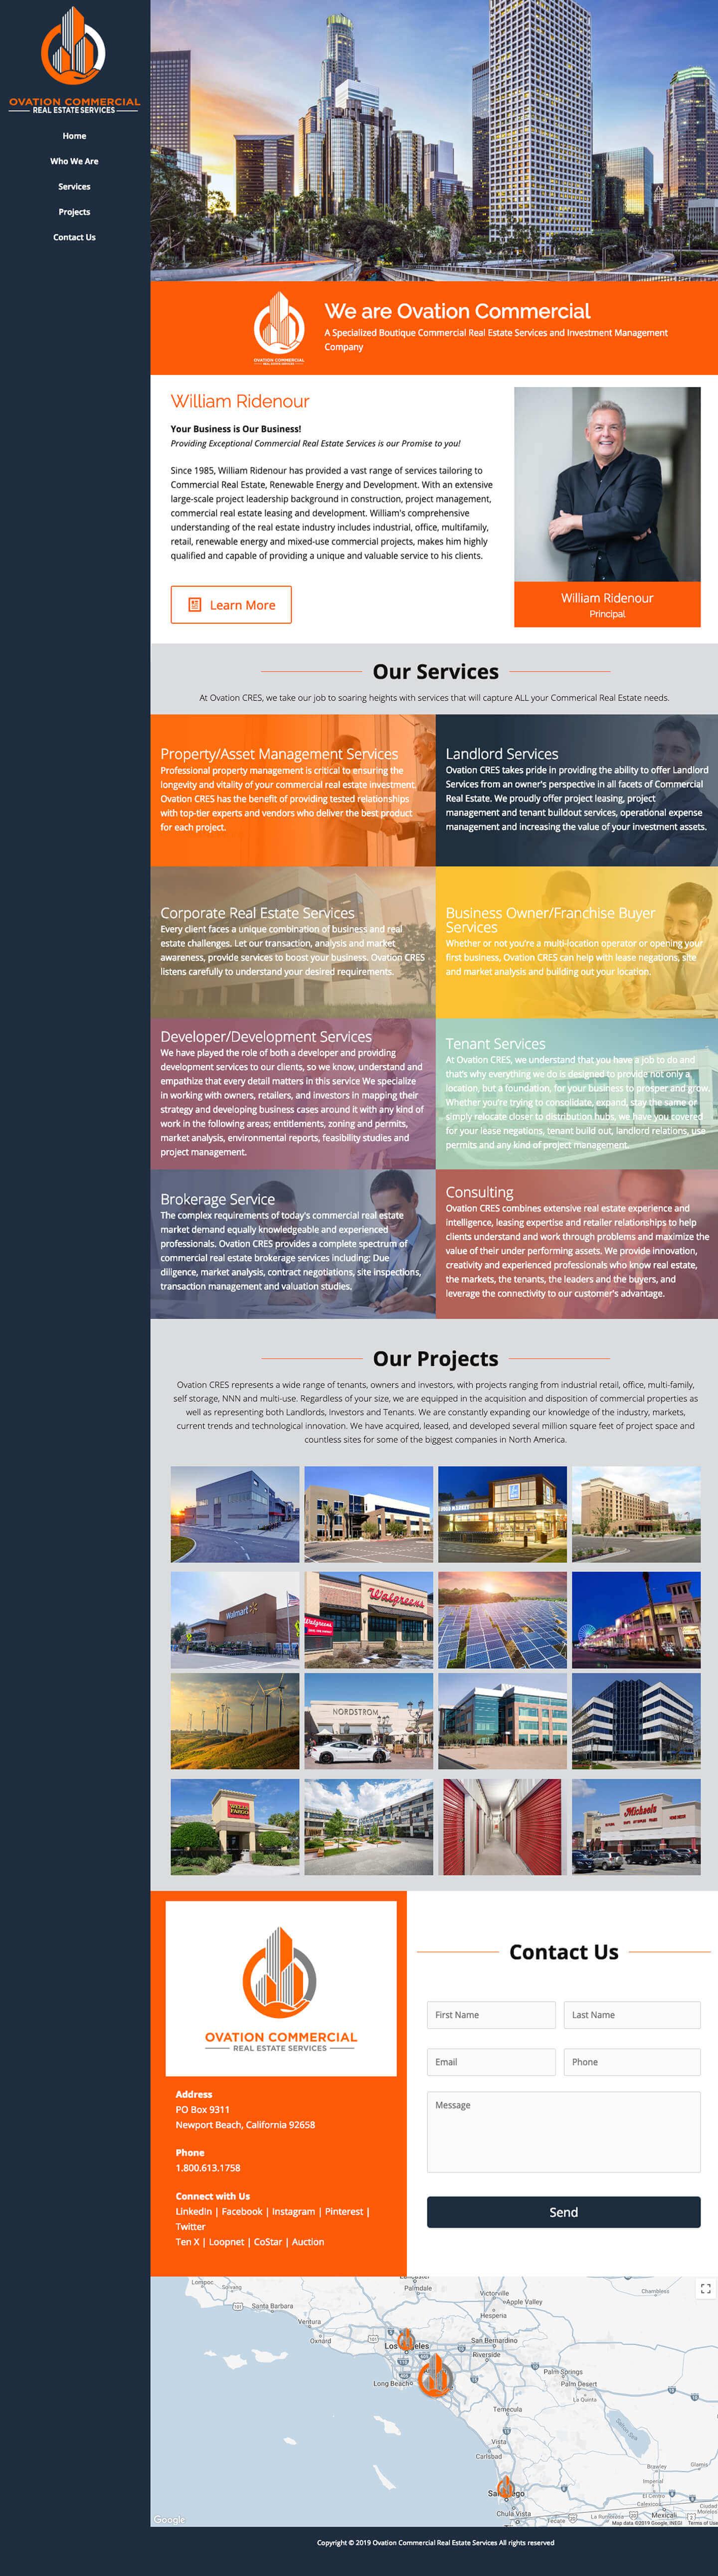 Ovation-Commercial-Real-Estate-Website-Design-Development